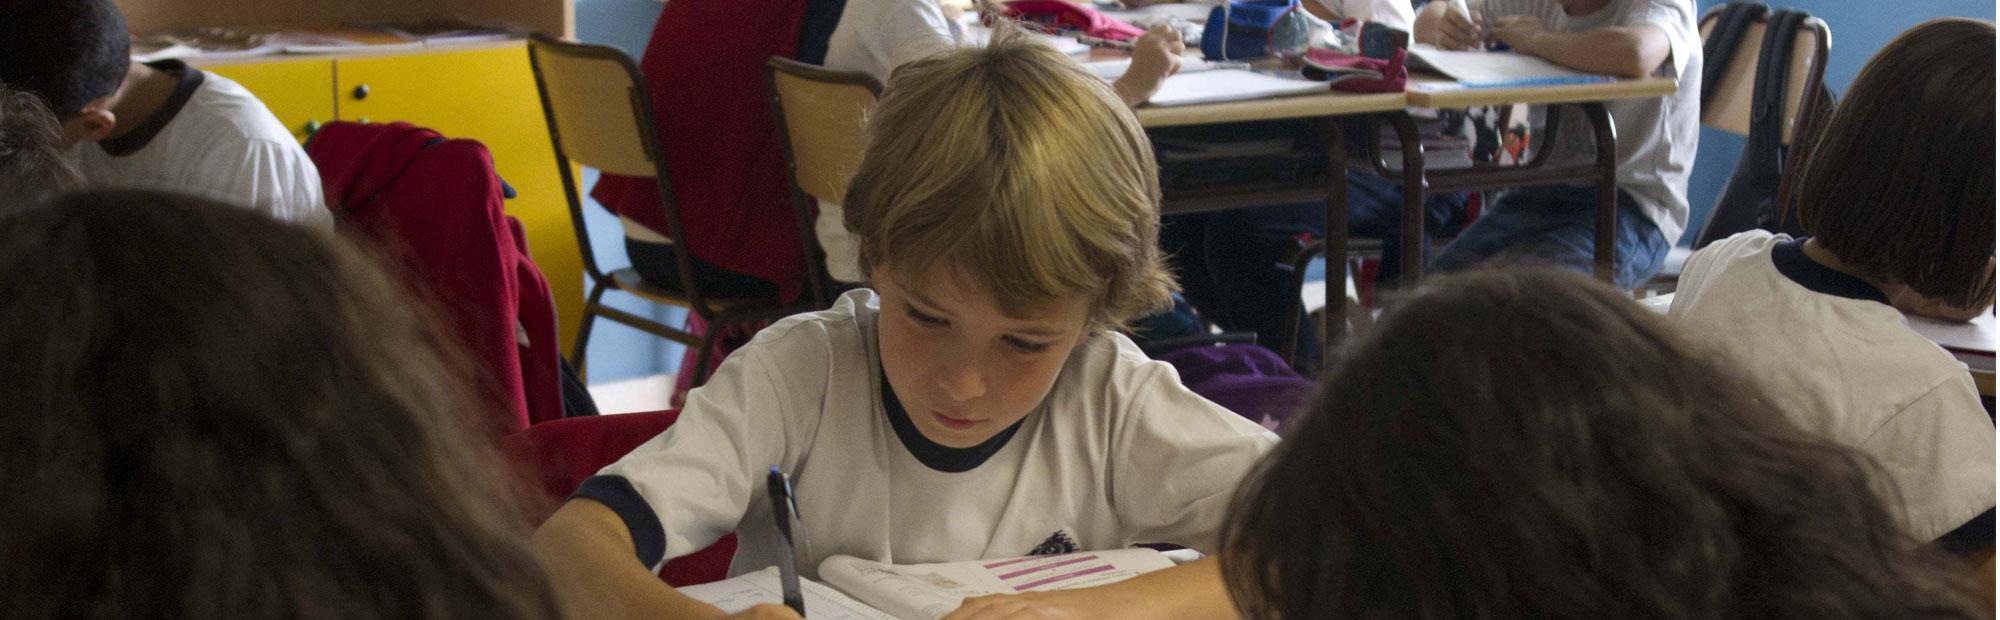 Desarrollamos una educación inclusiva y personalizada